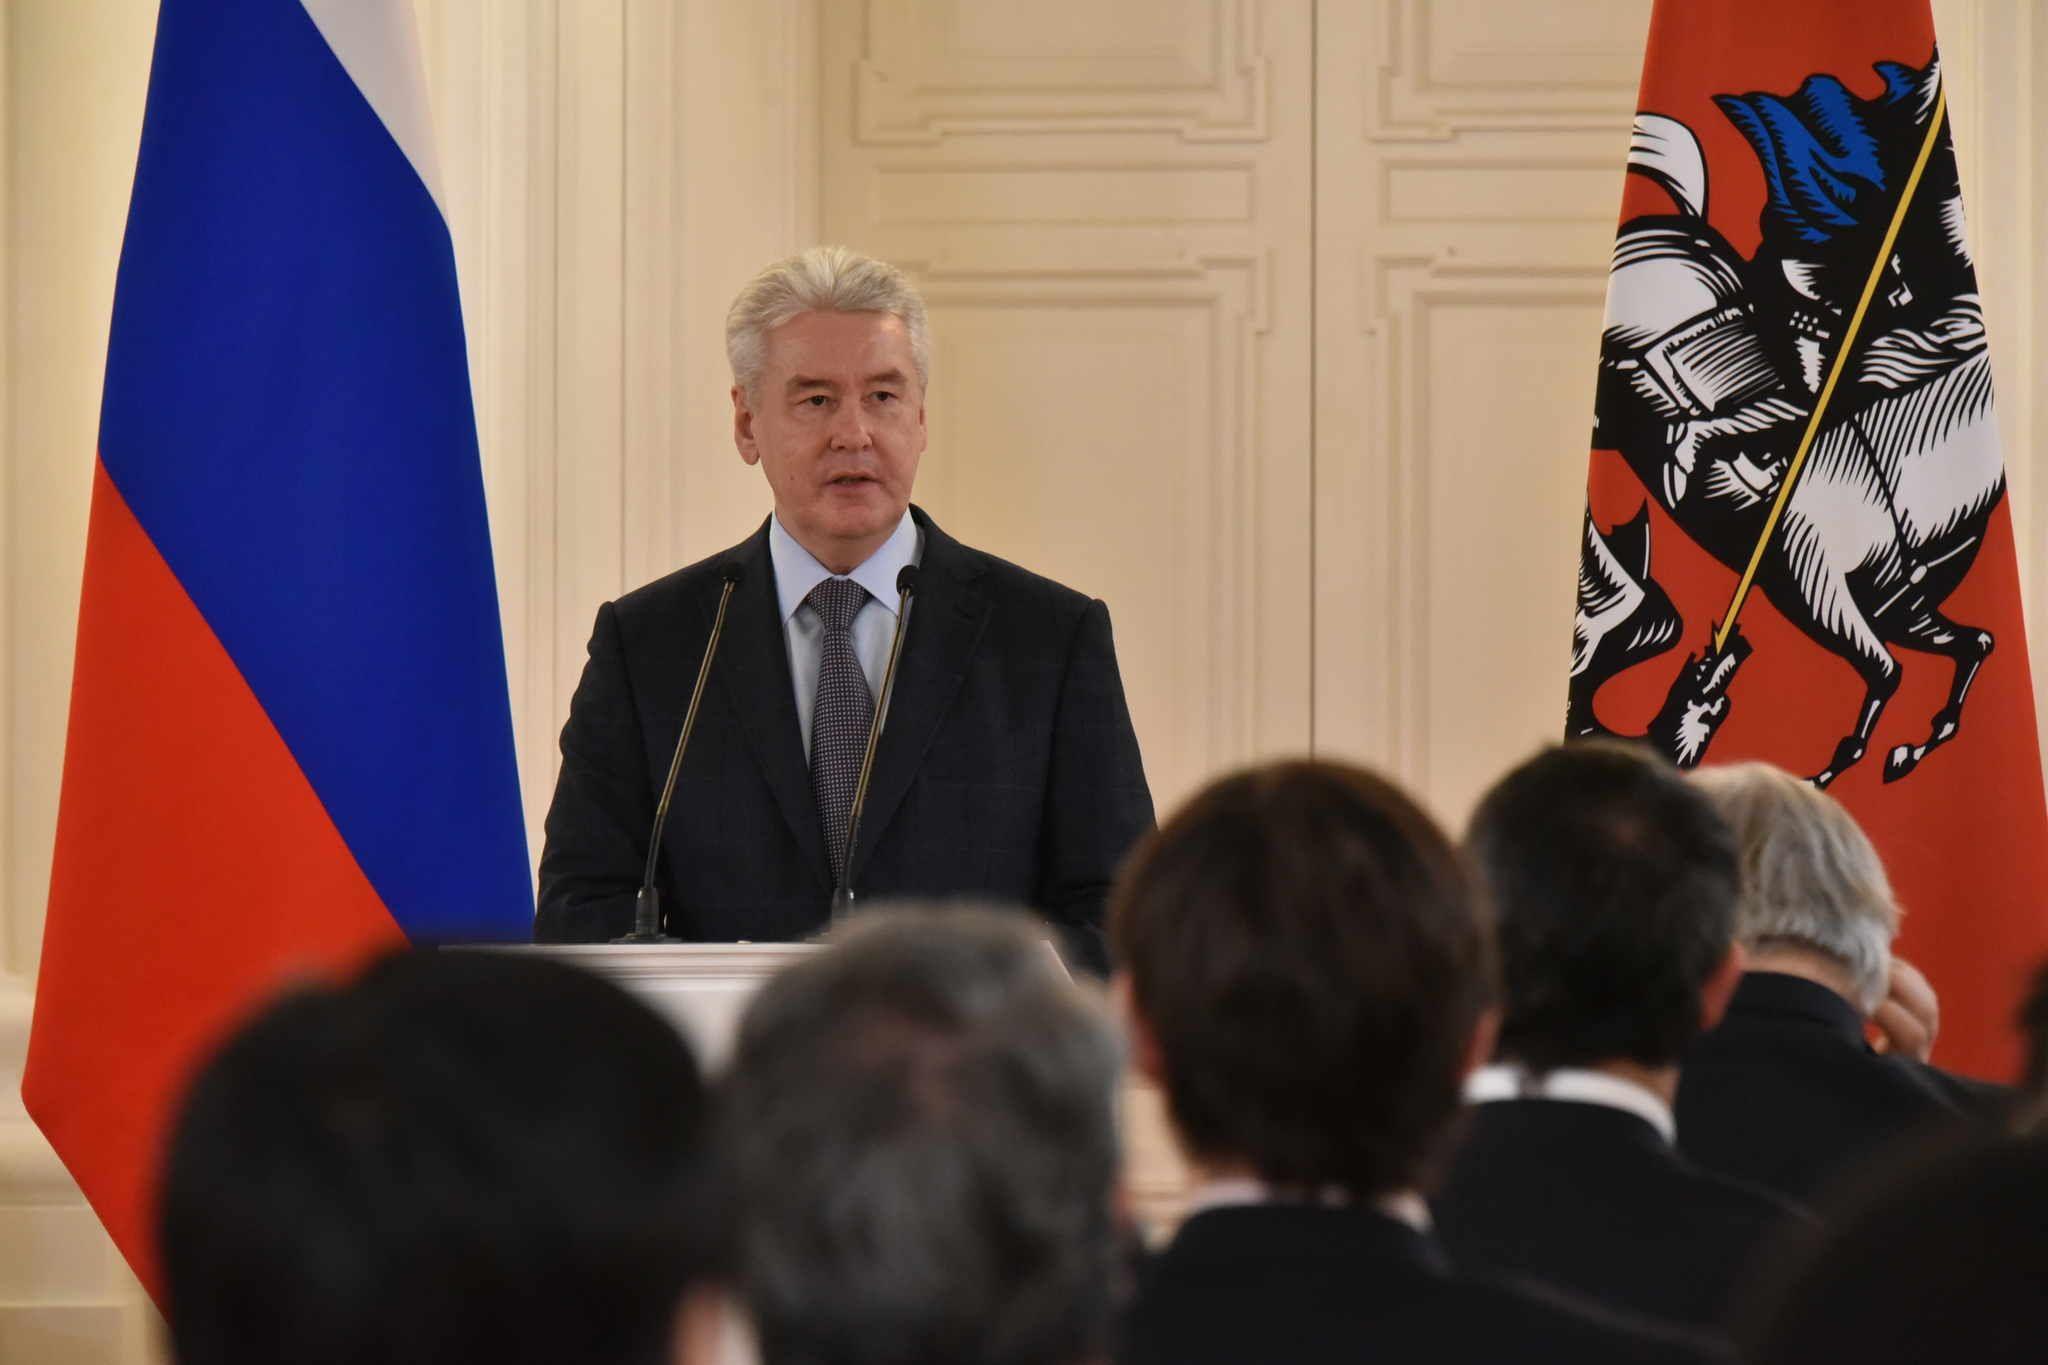 Собянин: Условия для соцдистанцирования должны быть созданы повсеместно